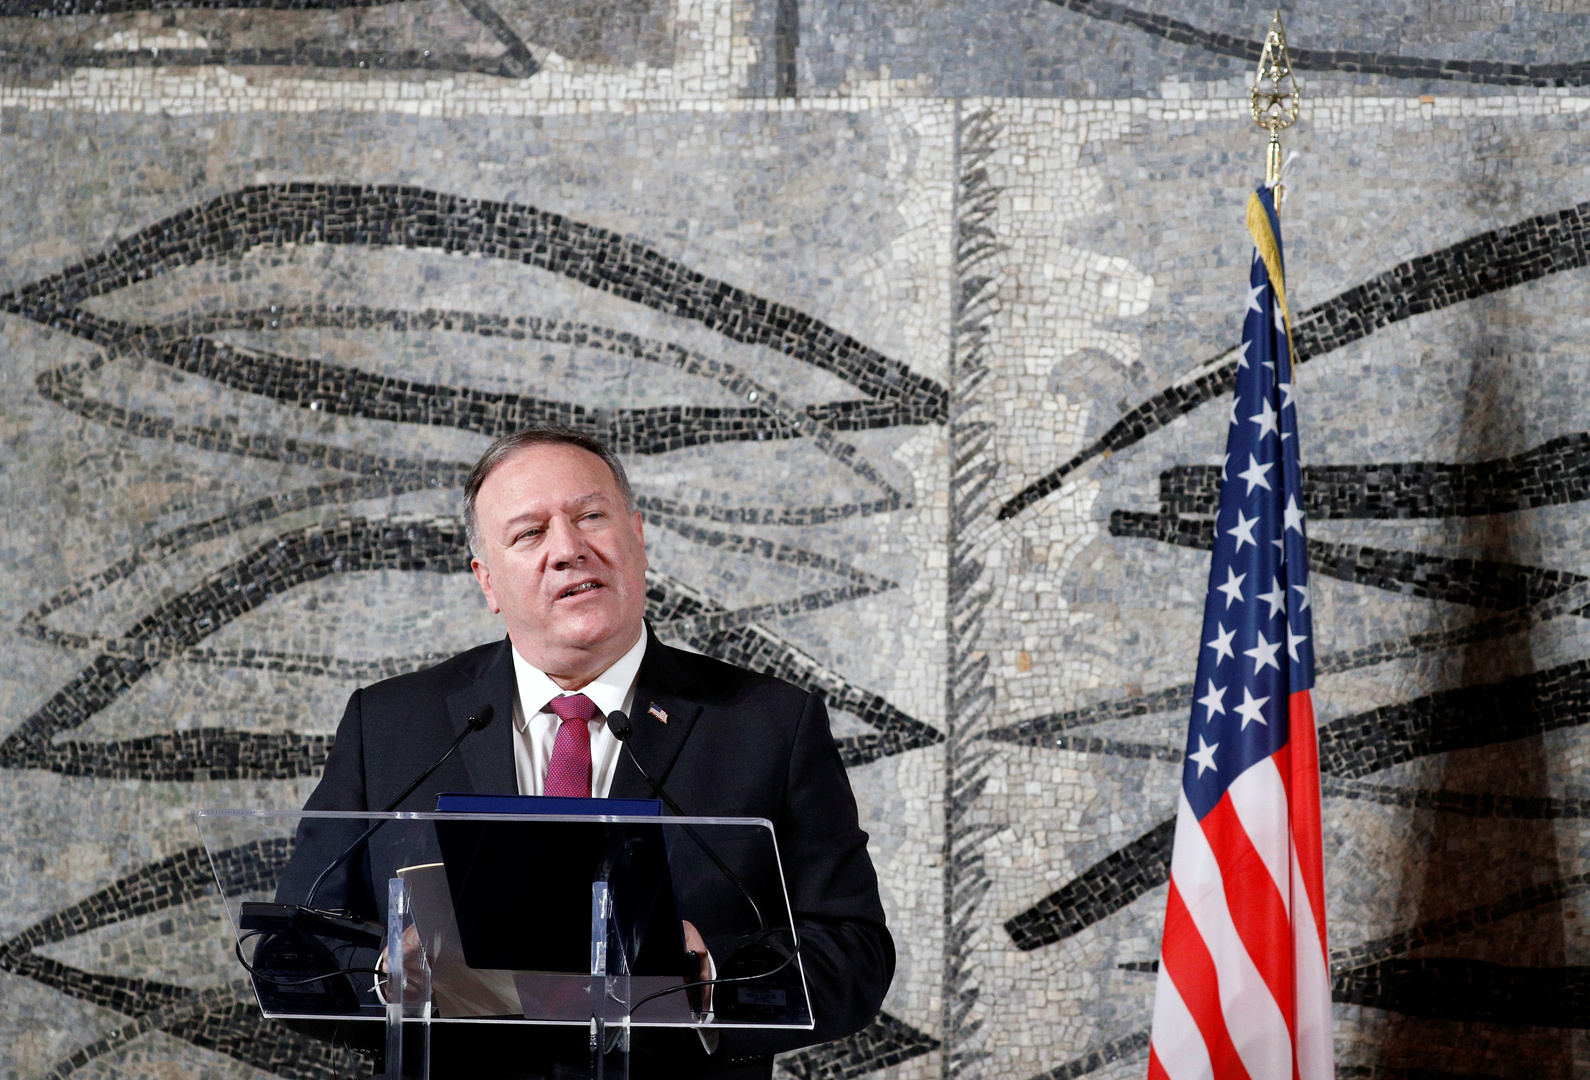 واشنطن ترحب بقرار إسرائيل ولبنان البدء في محادثات تتوسط فيها لترسيم الحدود البحرية